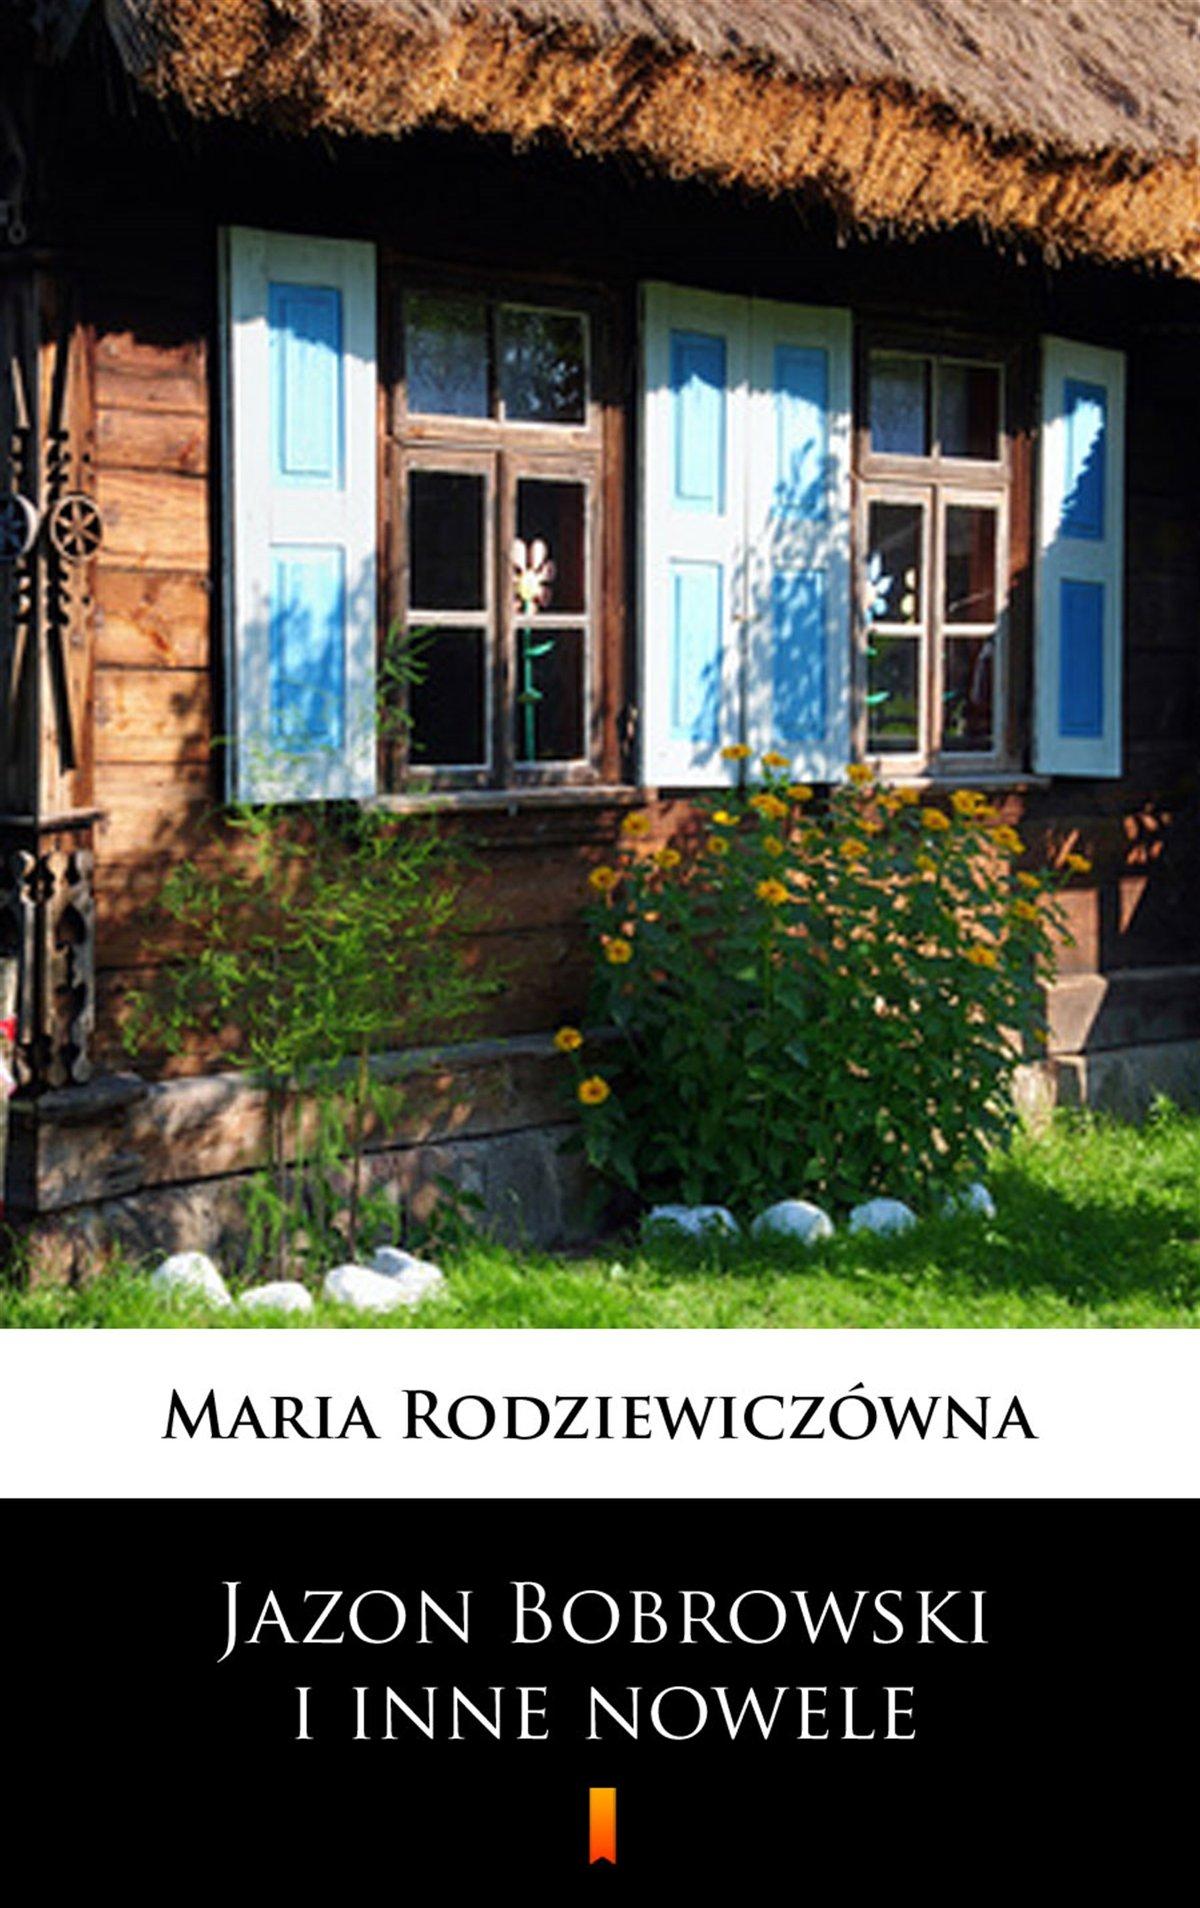 Jazon Bobrowski i inne nowele - Ebook (Książka EPUB) do pobrania w formacie EPUB